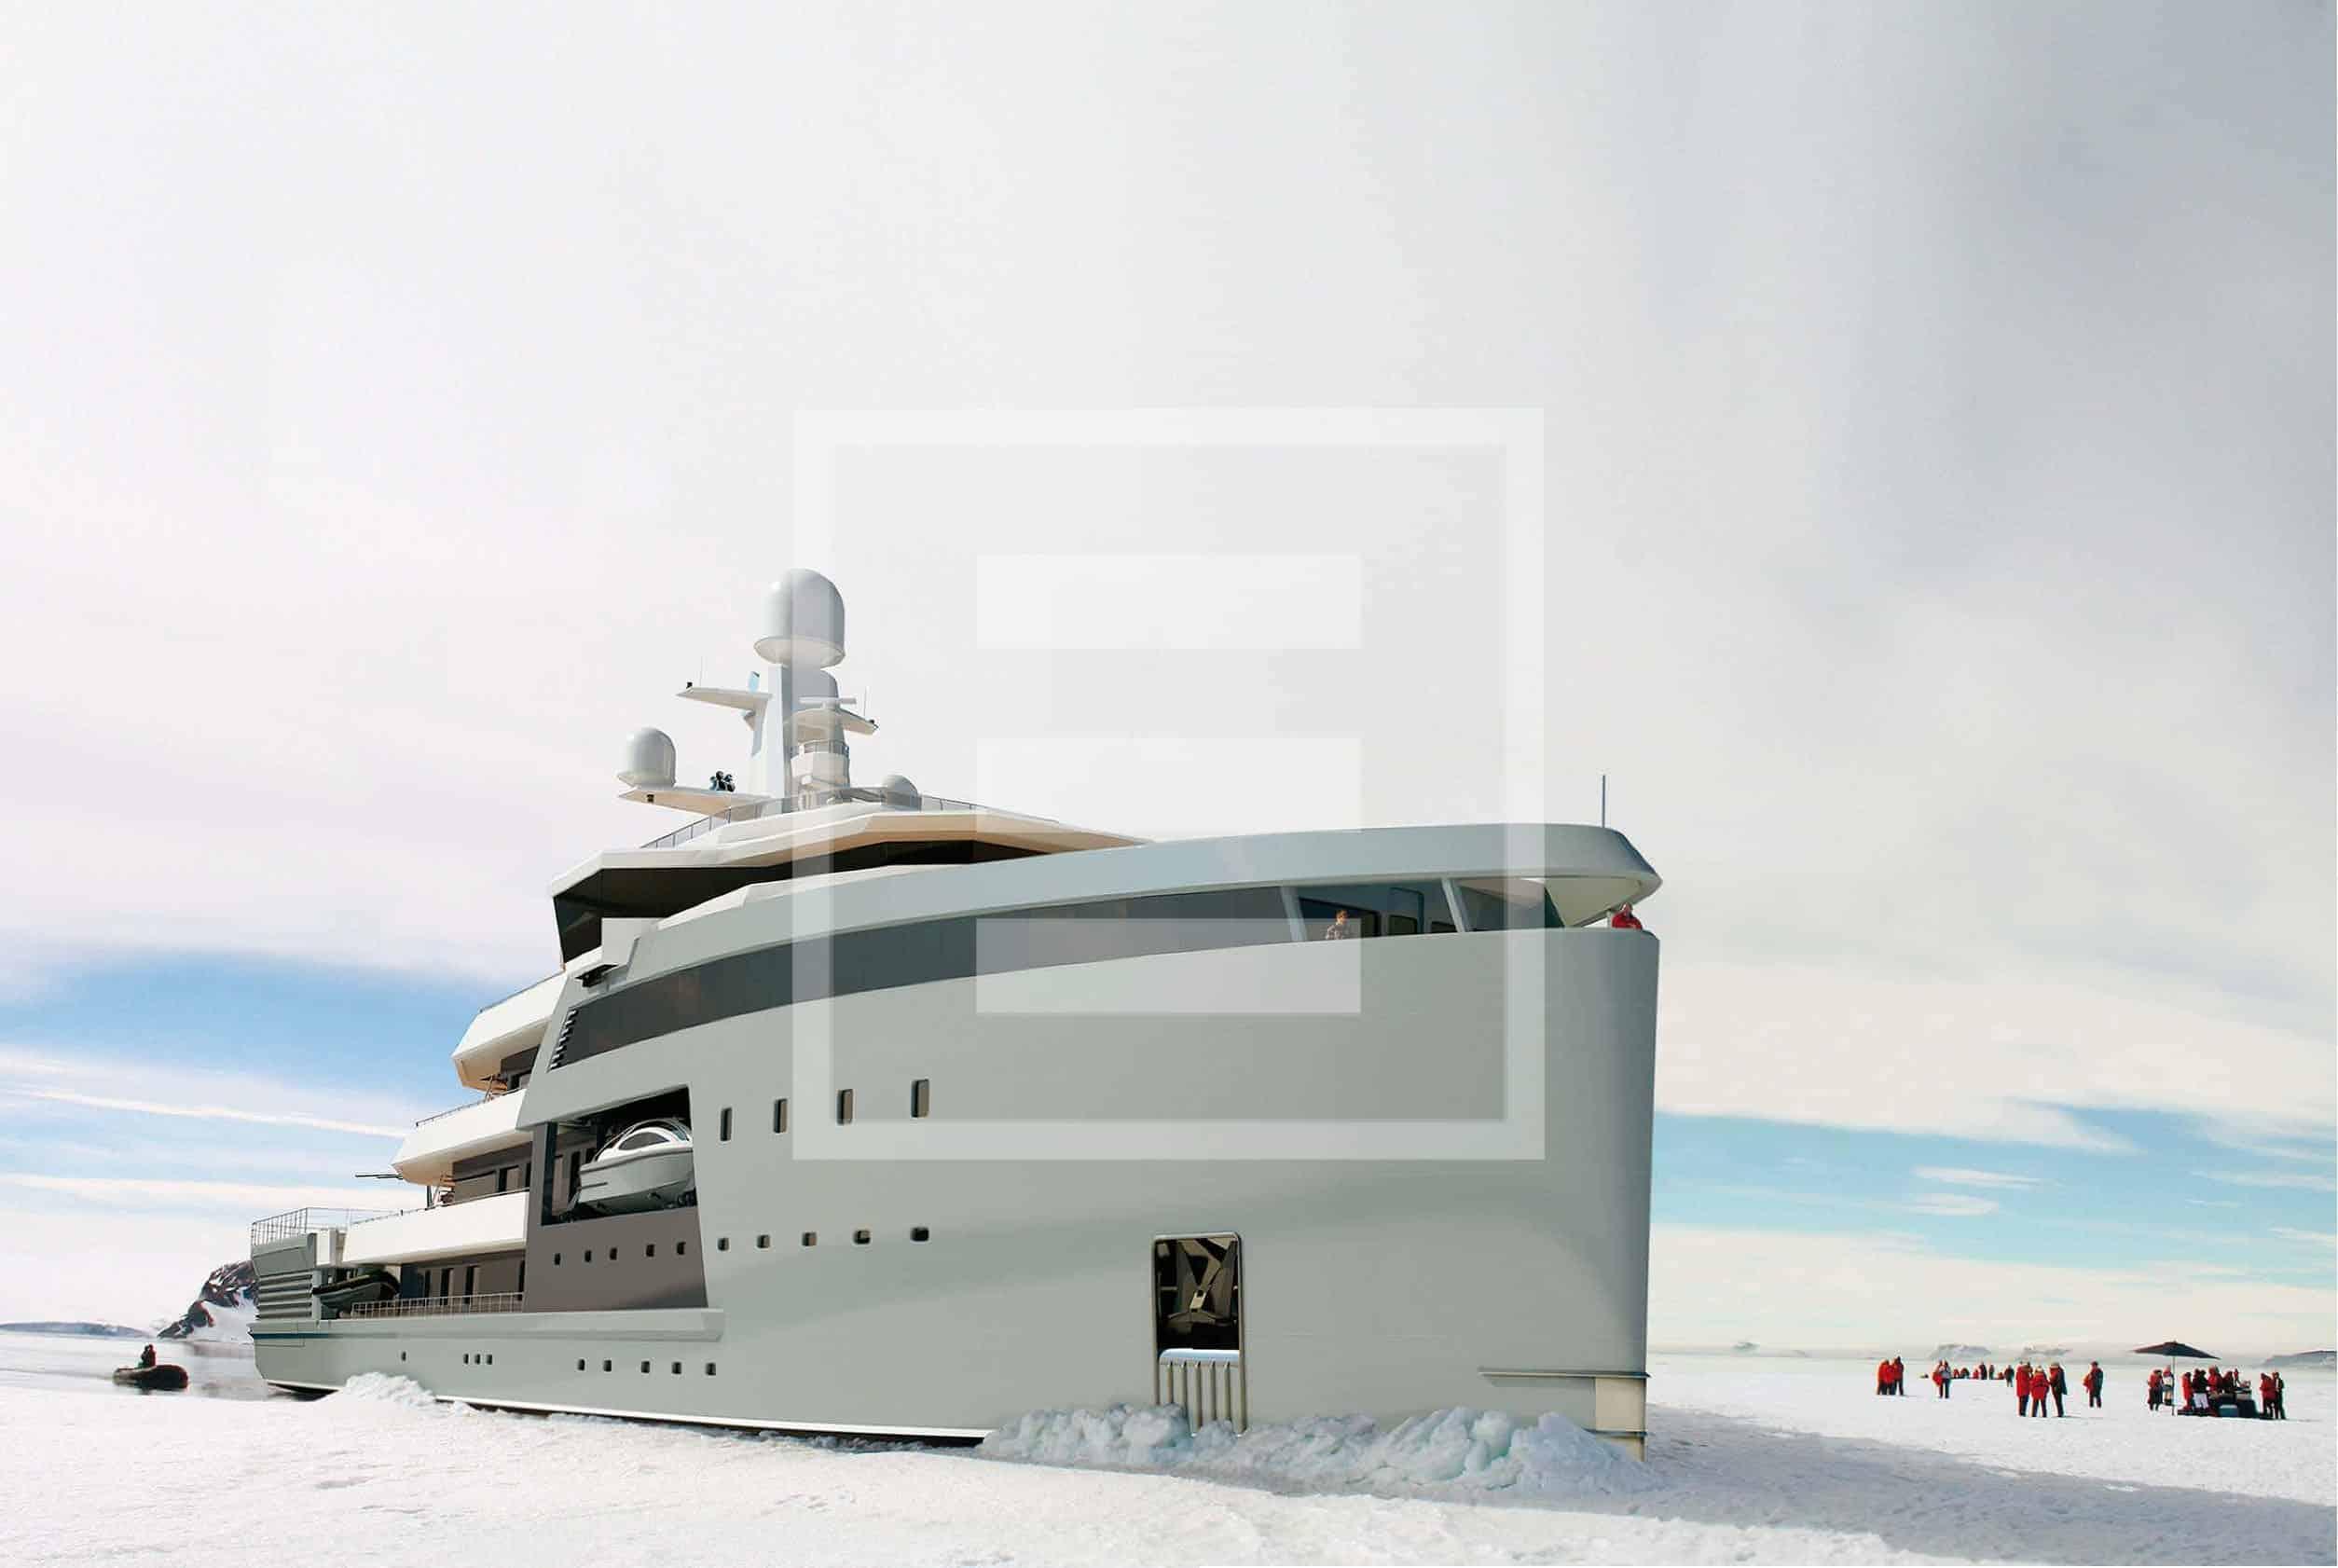 SeaXplorer from Damen & Amels